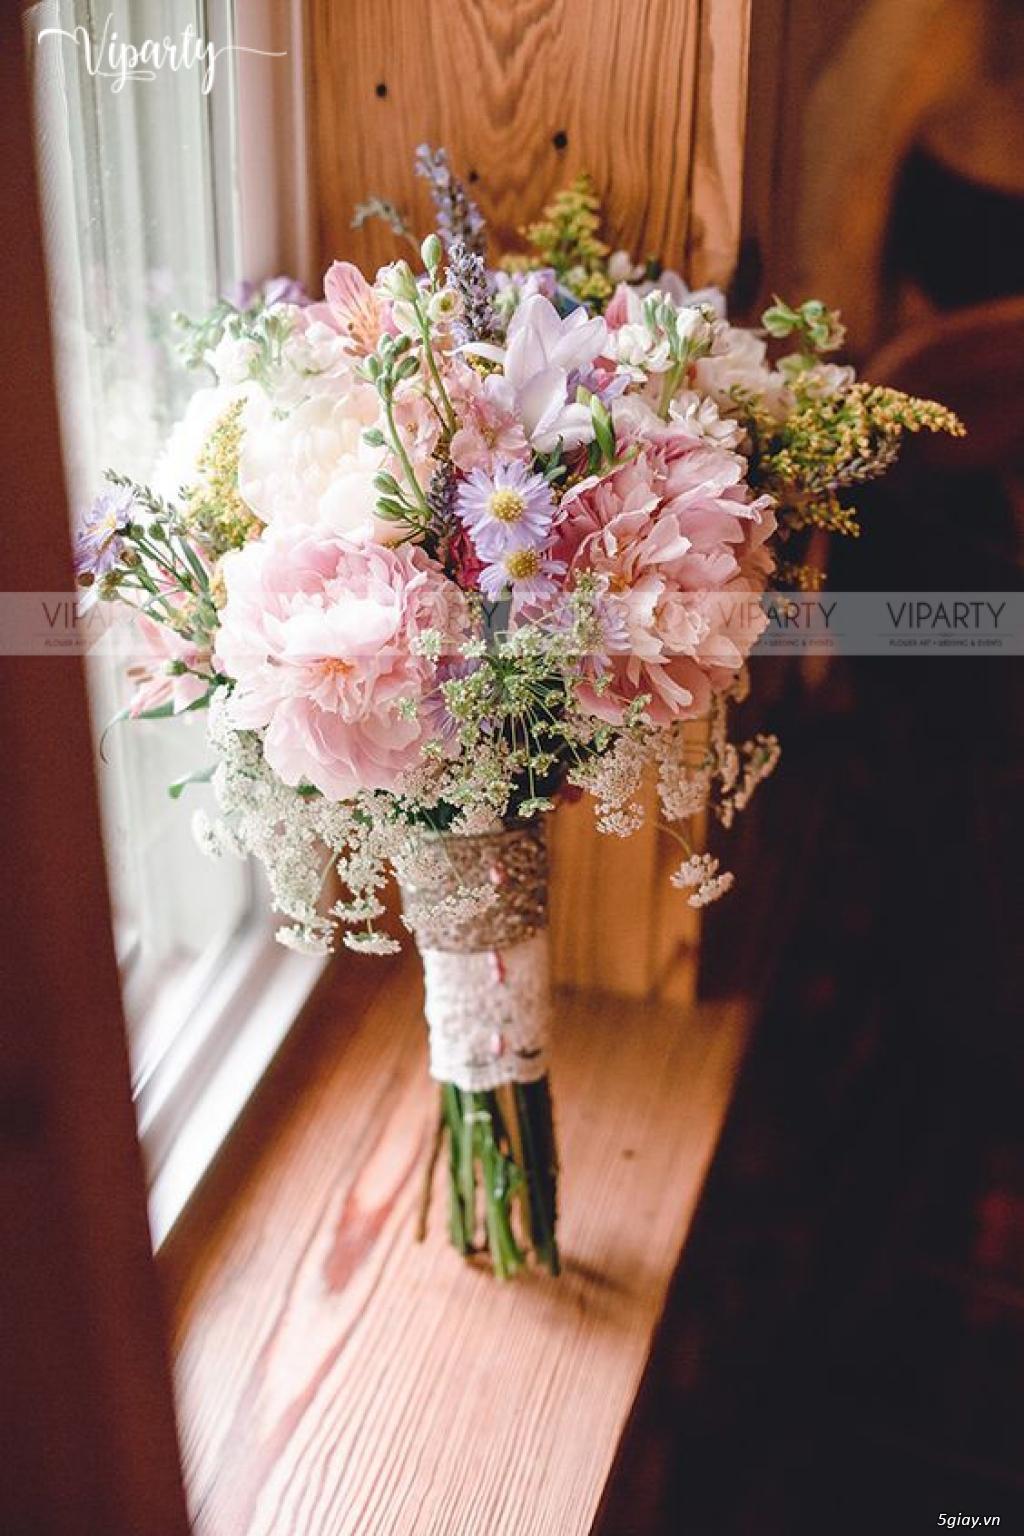 Chuyên cung cấp: Hoa cầm tay Cô Dâu & Hoa Sự Kiện : Wedding & Events - 16